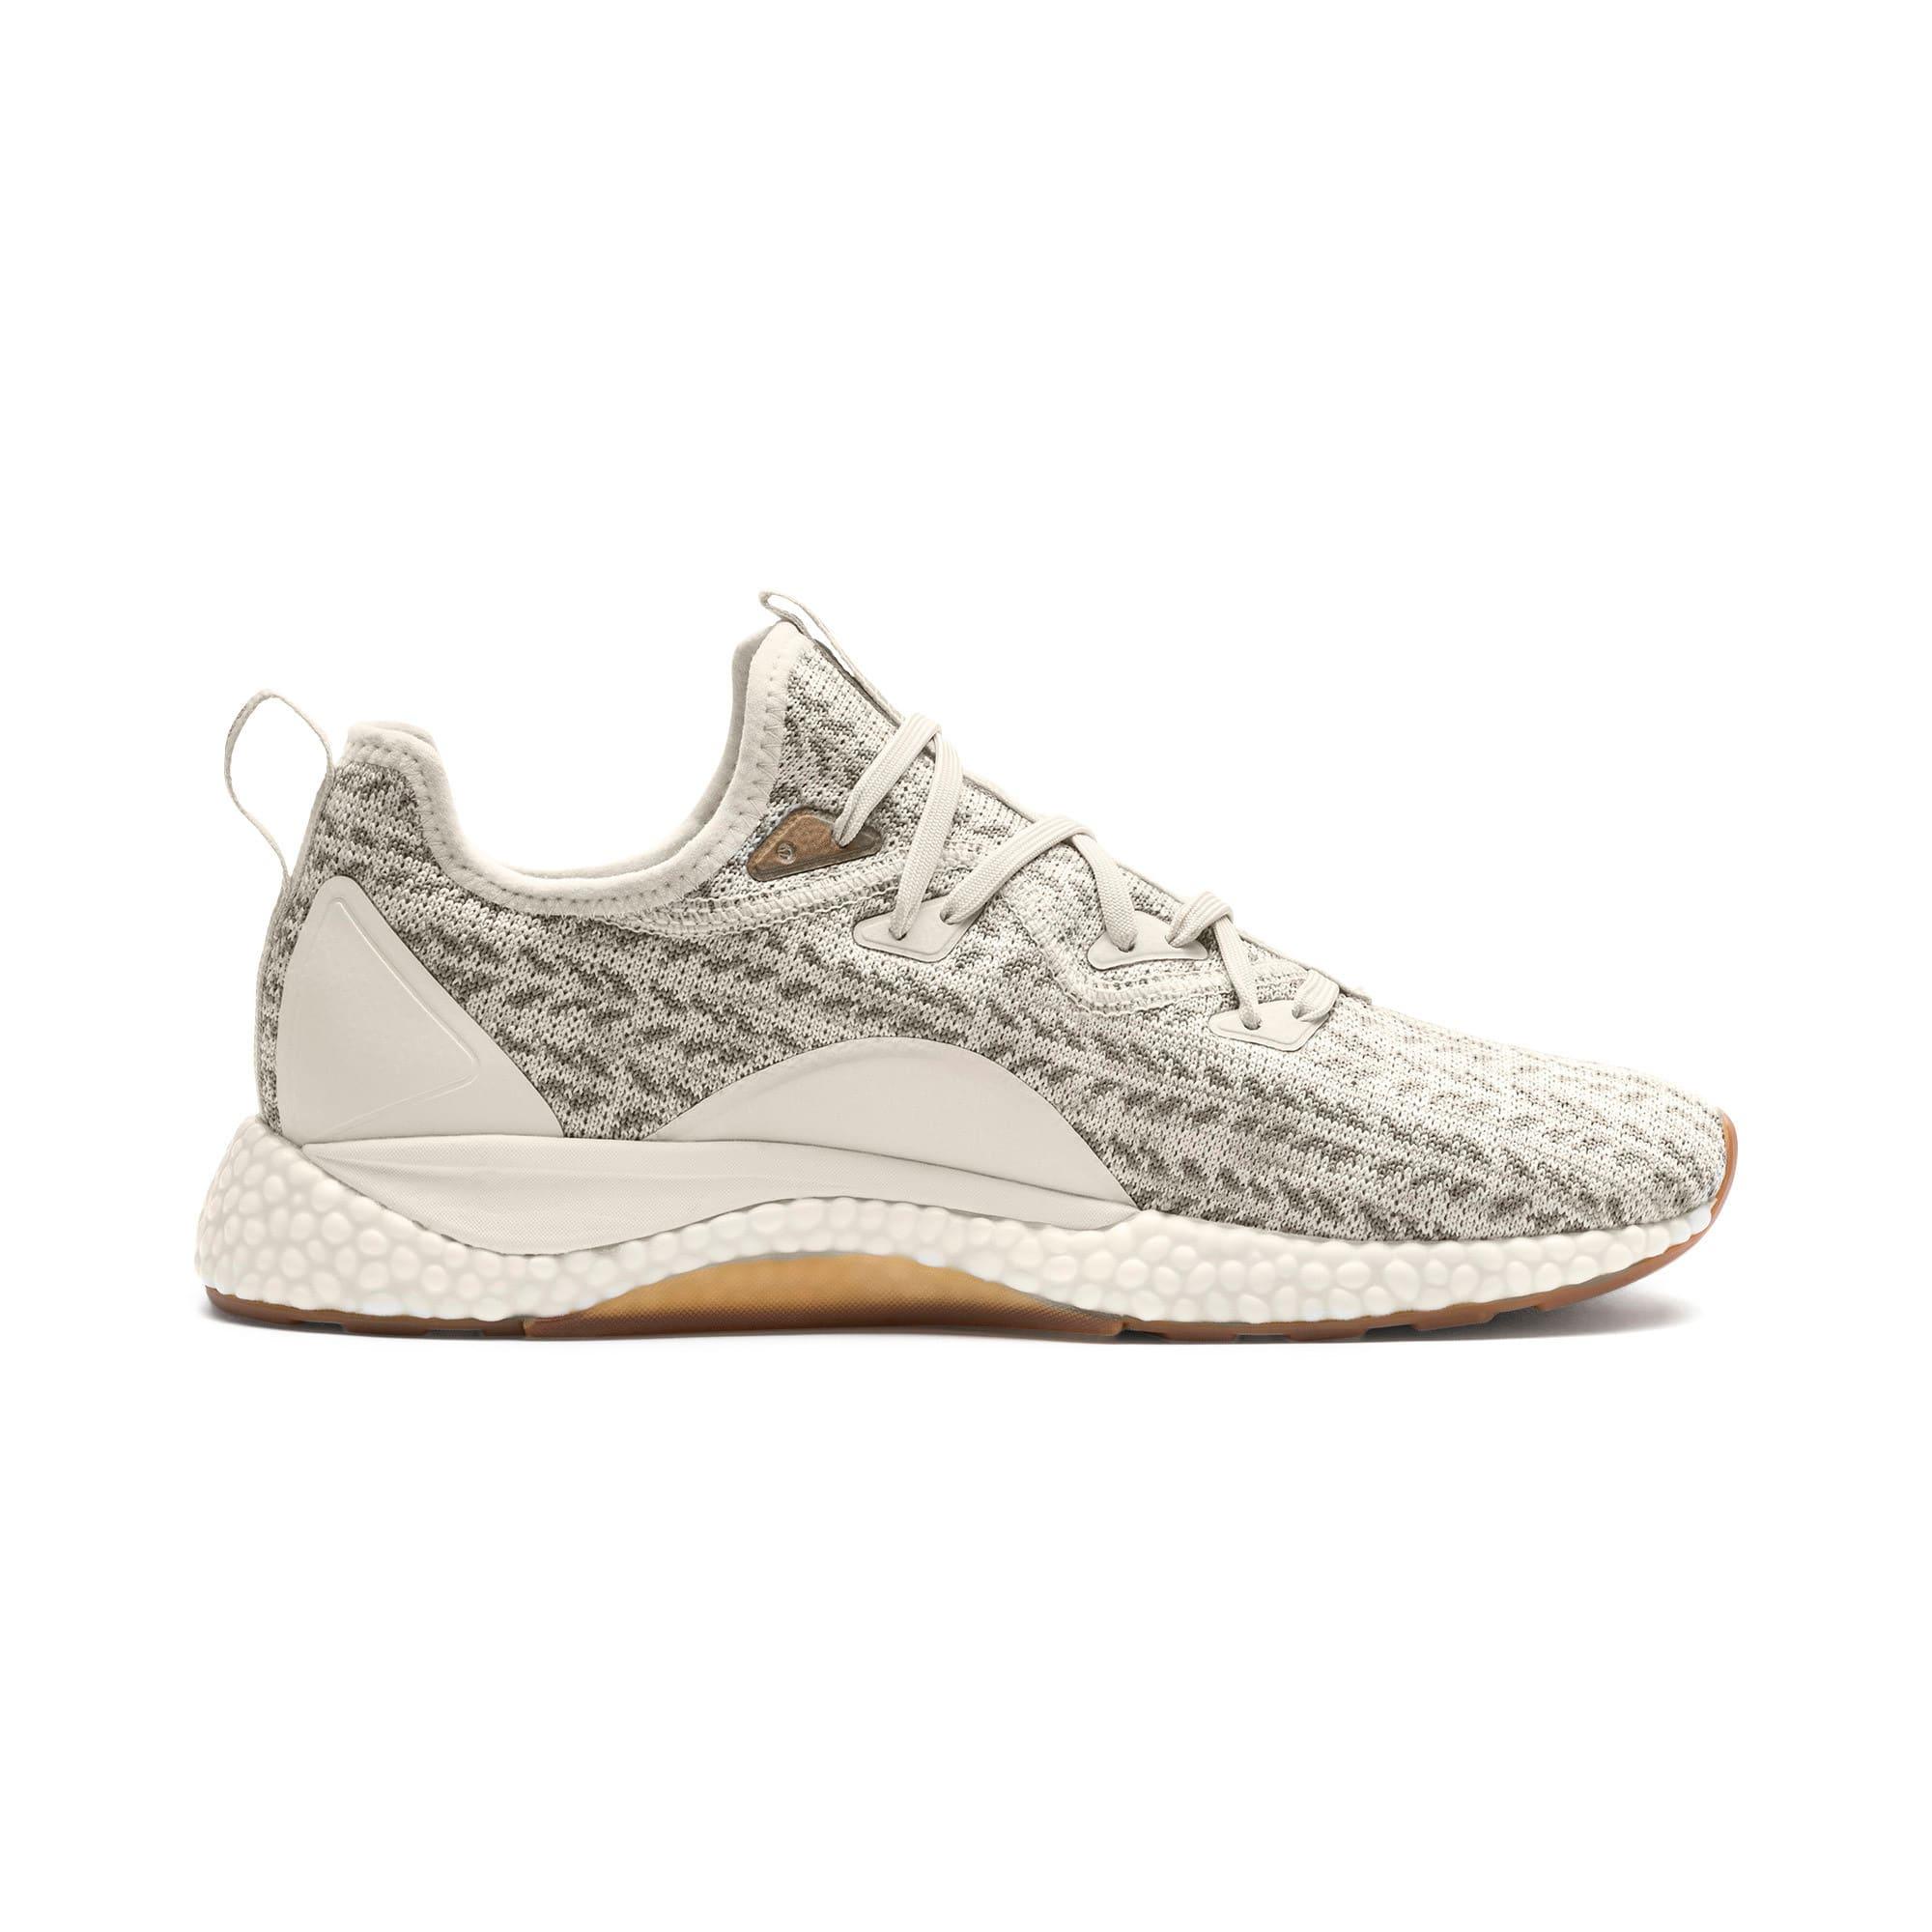 Thumbnail 3 of Hybrid Runner Desert Men's Running Shoes, Whisper White-Metal Bronze, medium-IND